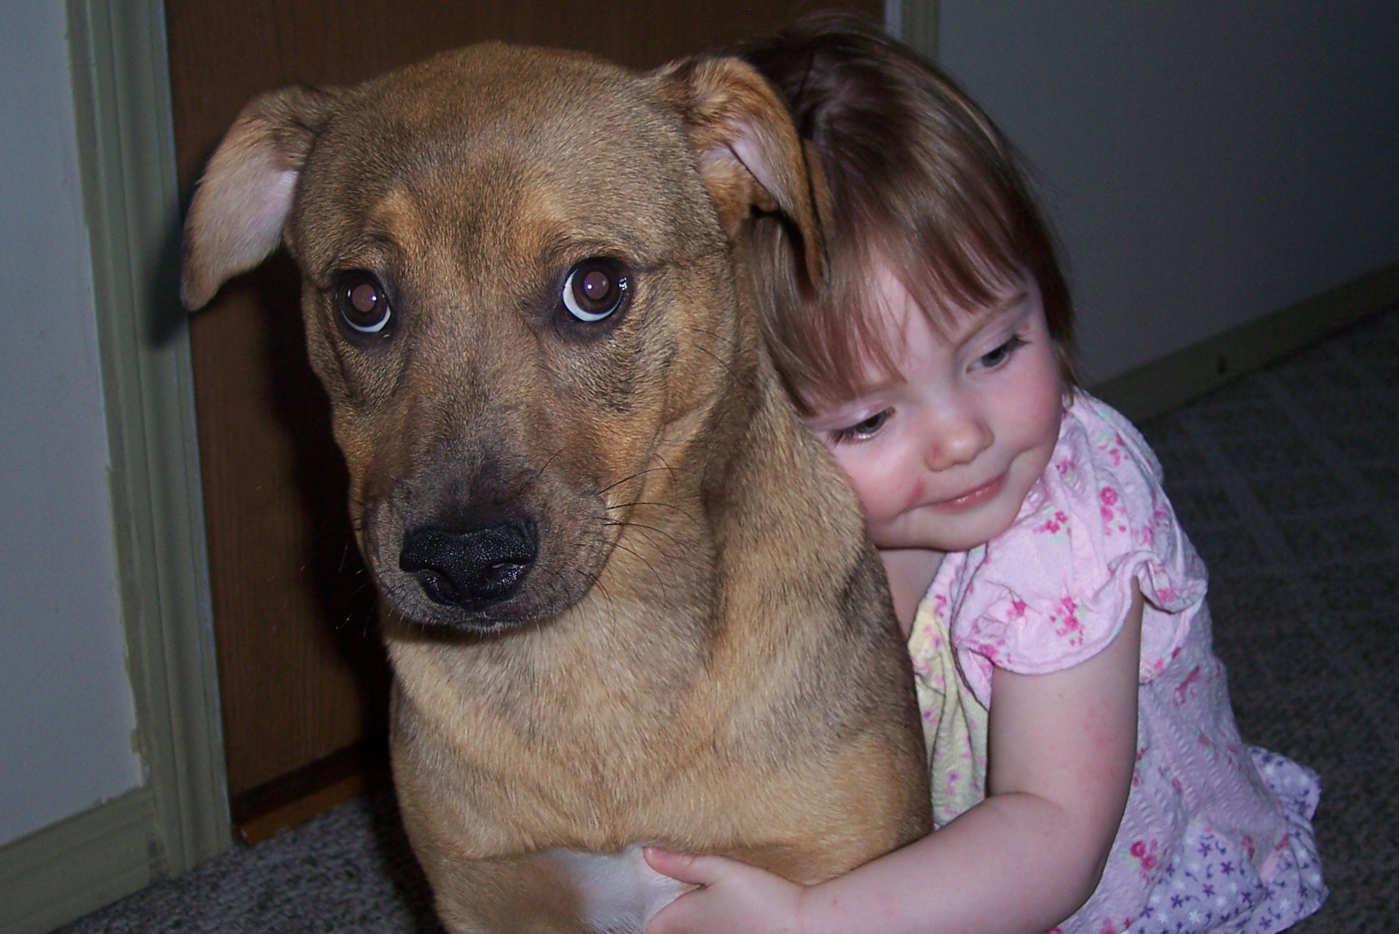 3 Ways to Hug a Dog